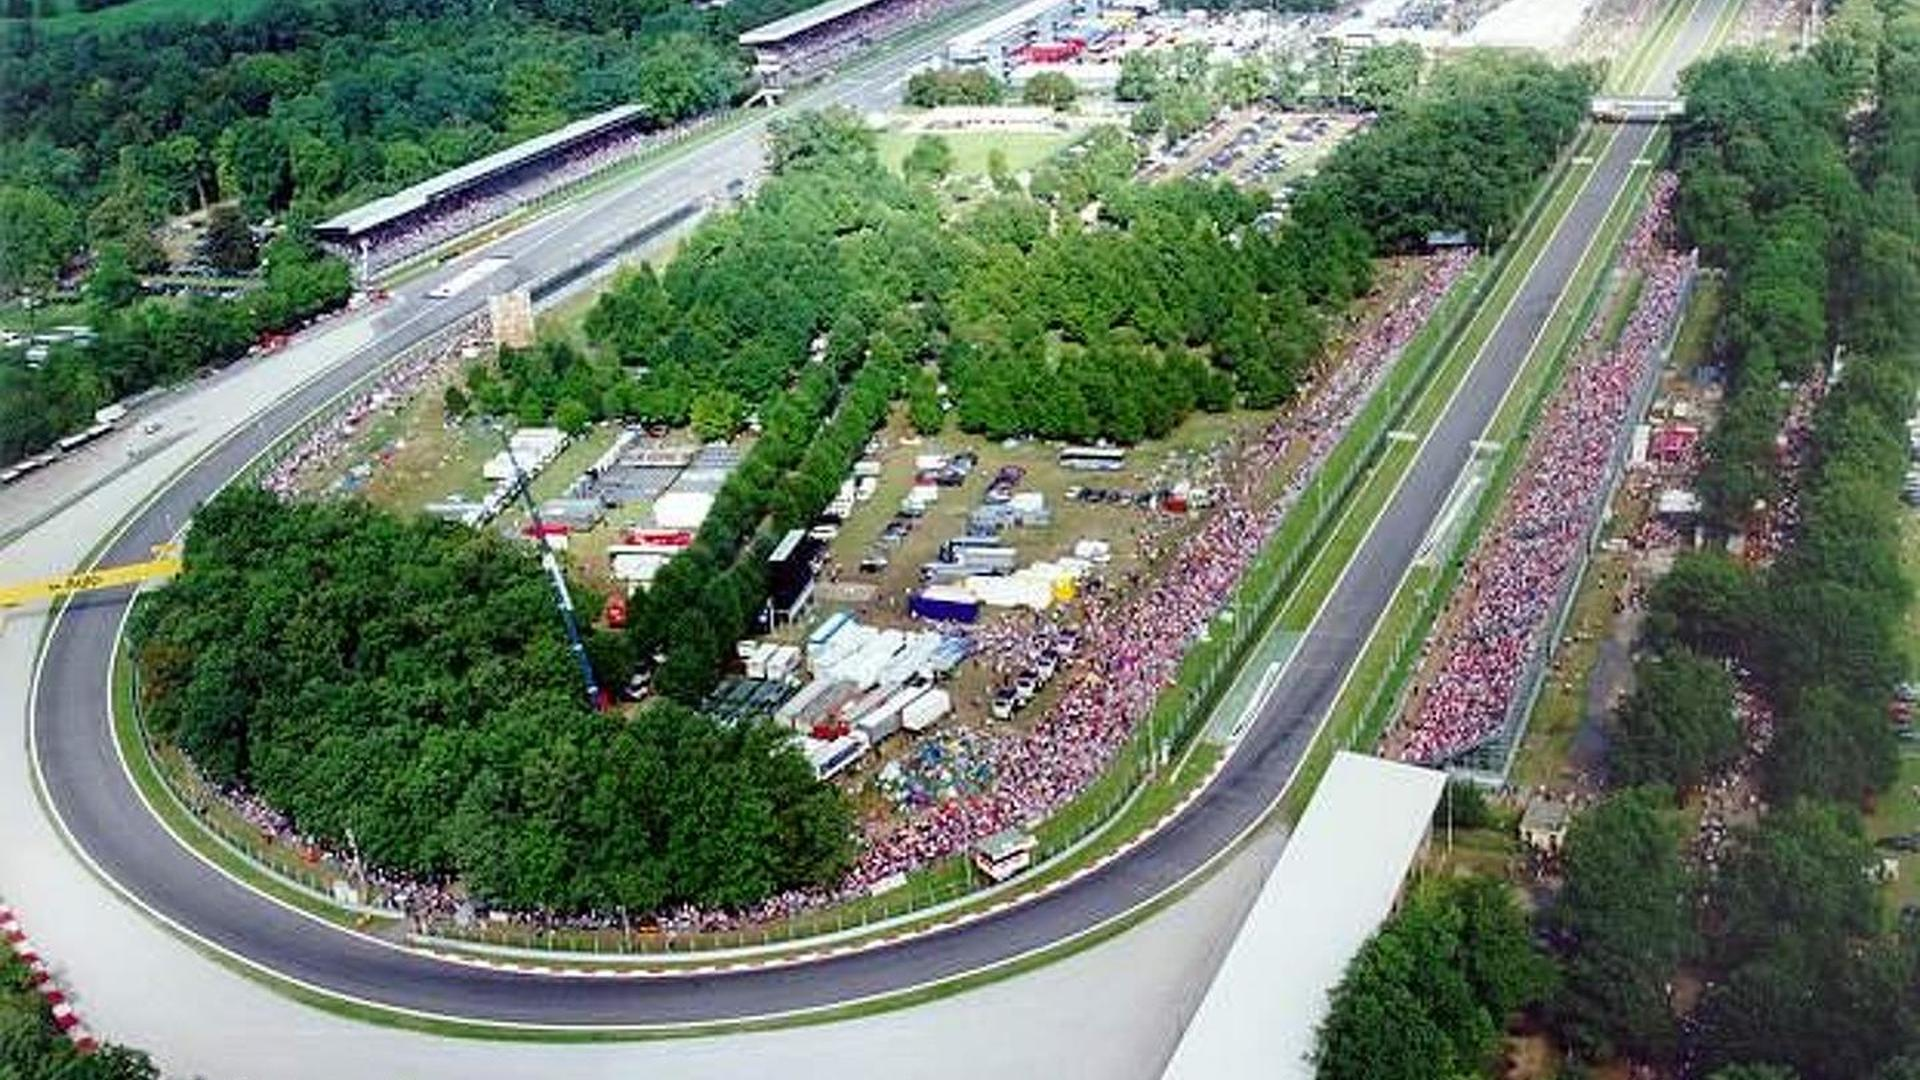 Monza set for F1 rescue talks in Monaco - organizer